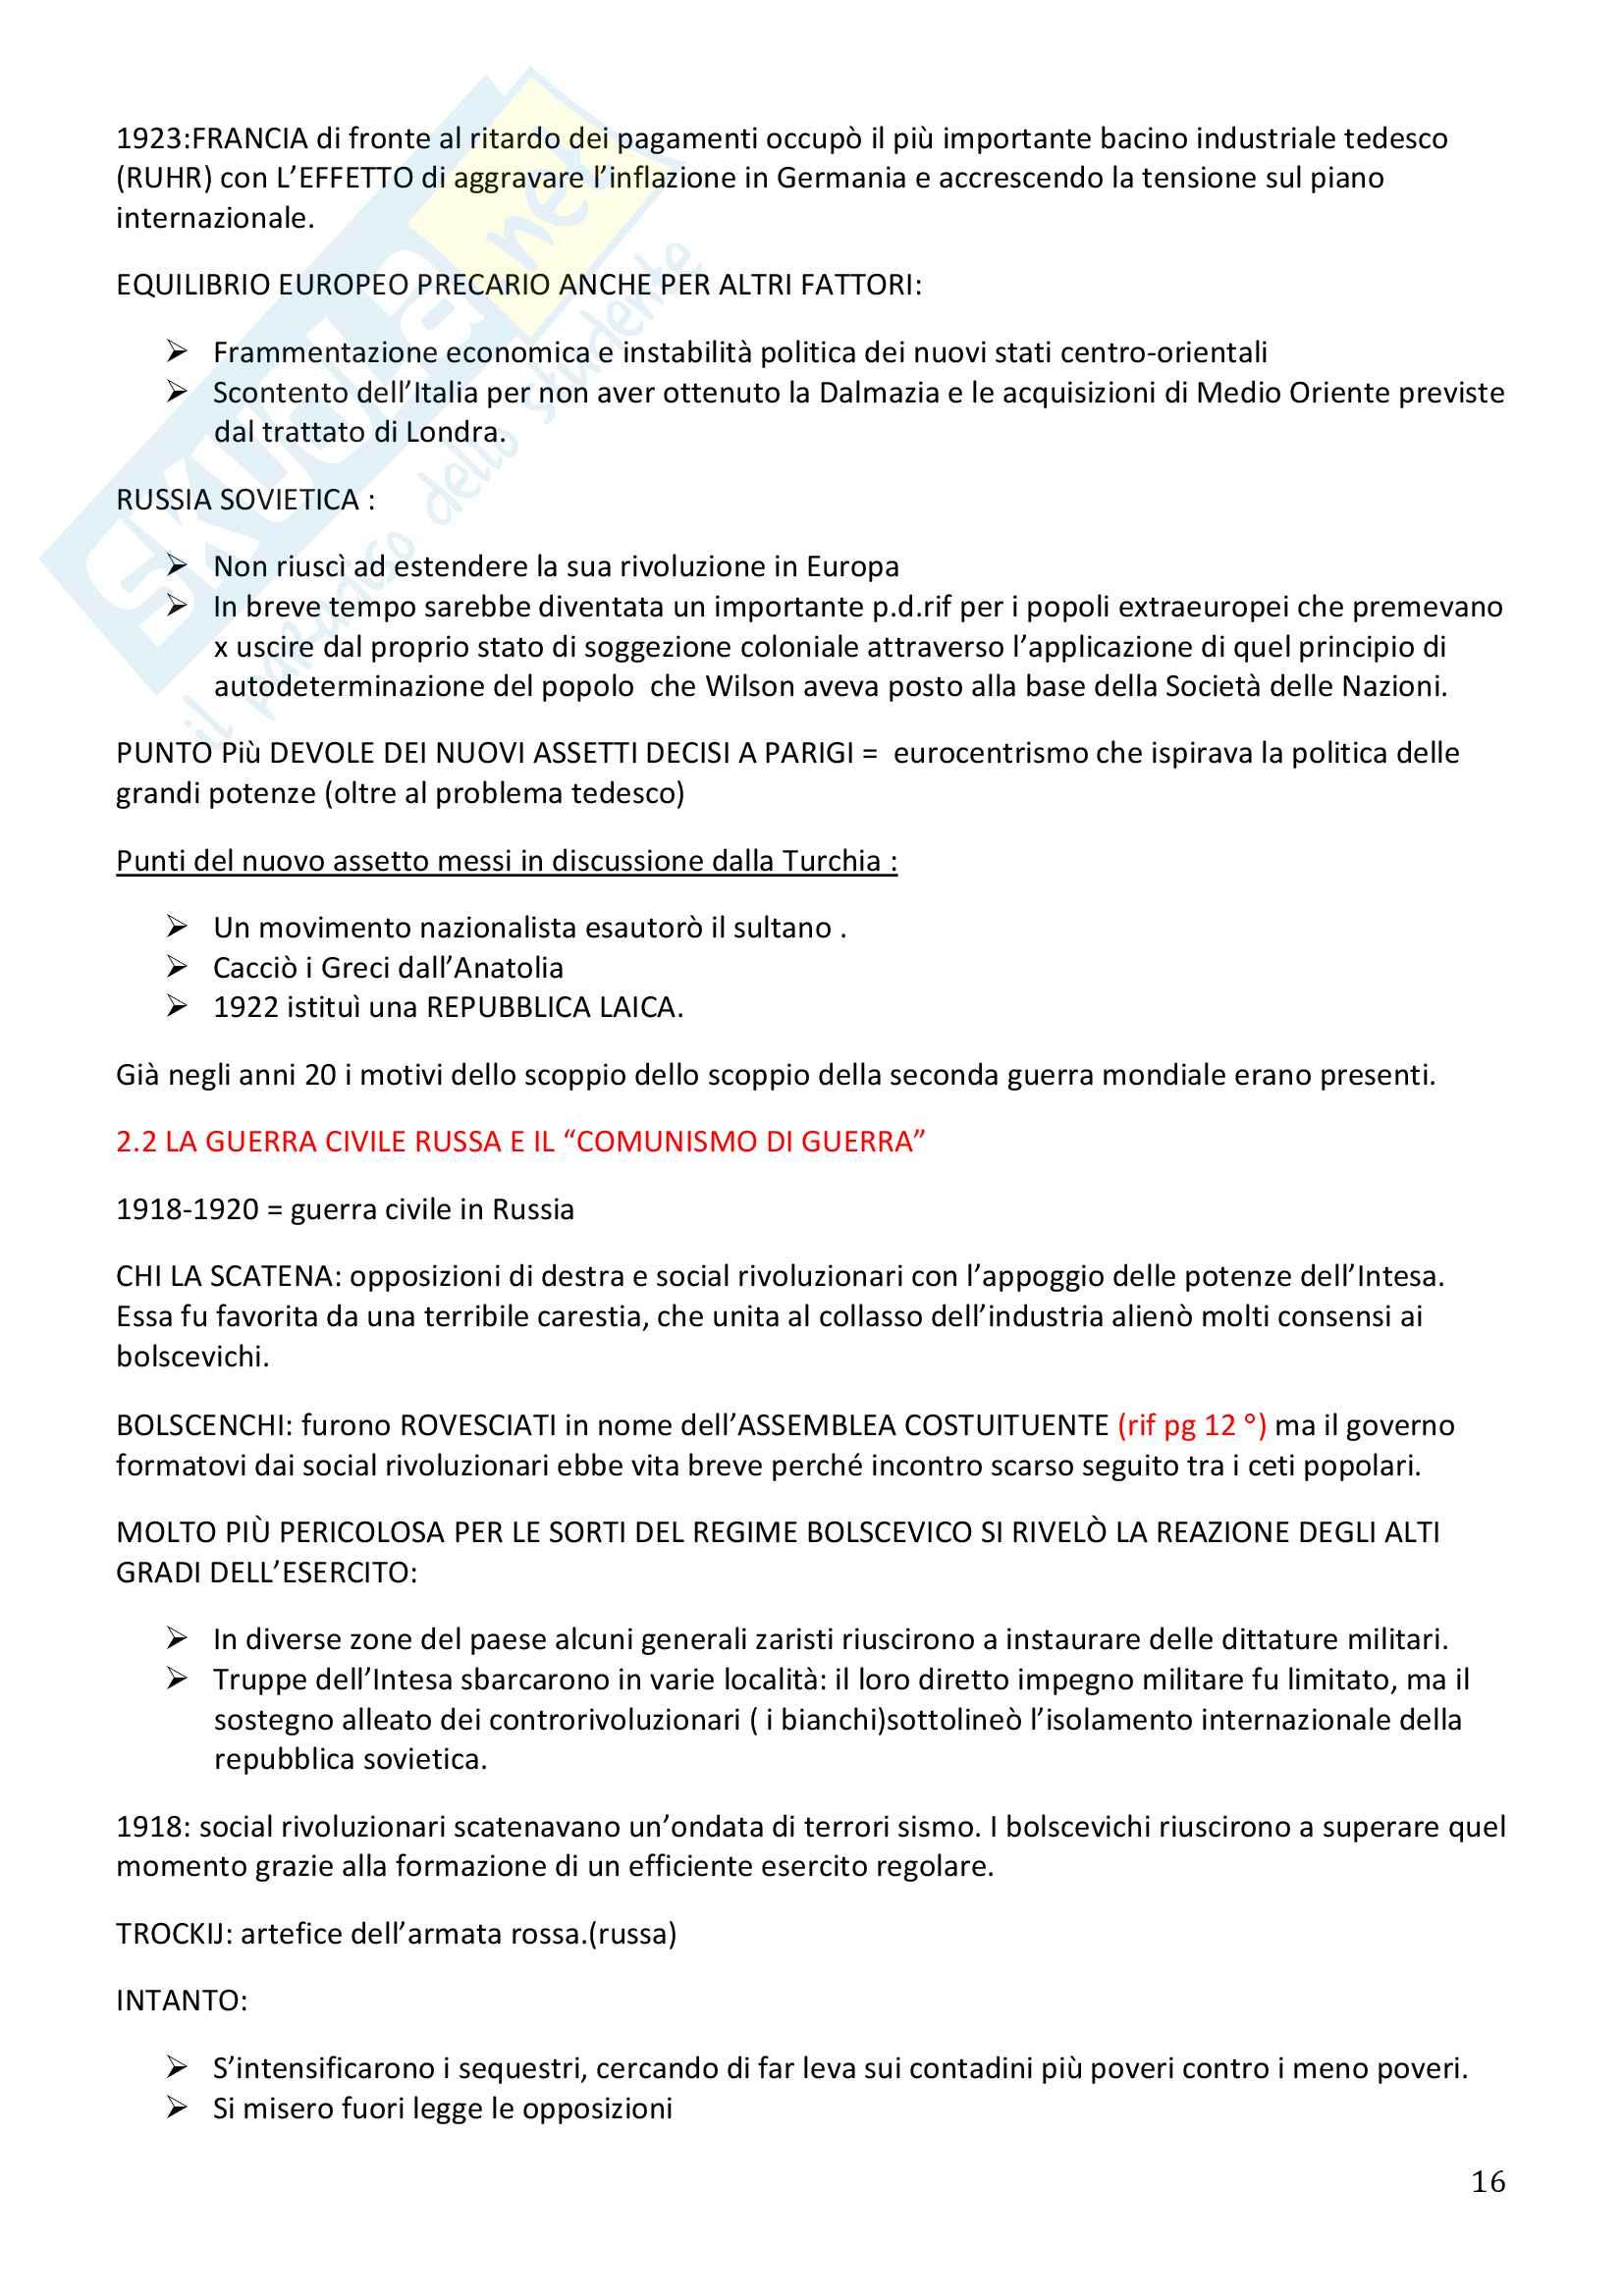 Storia Contemporanea, Detti, Gozzini il Novecento - Riassunto Pag. 16